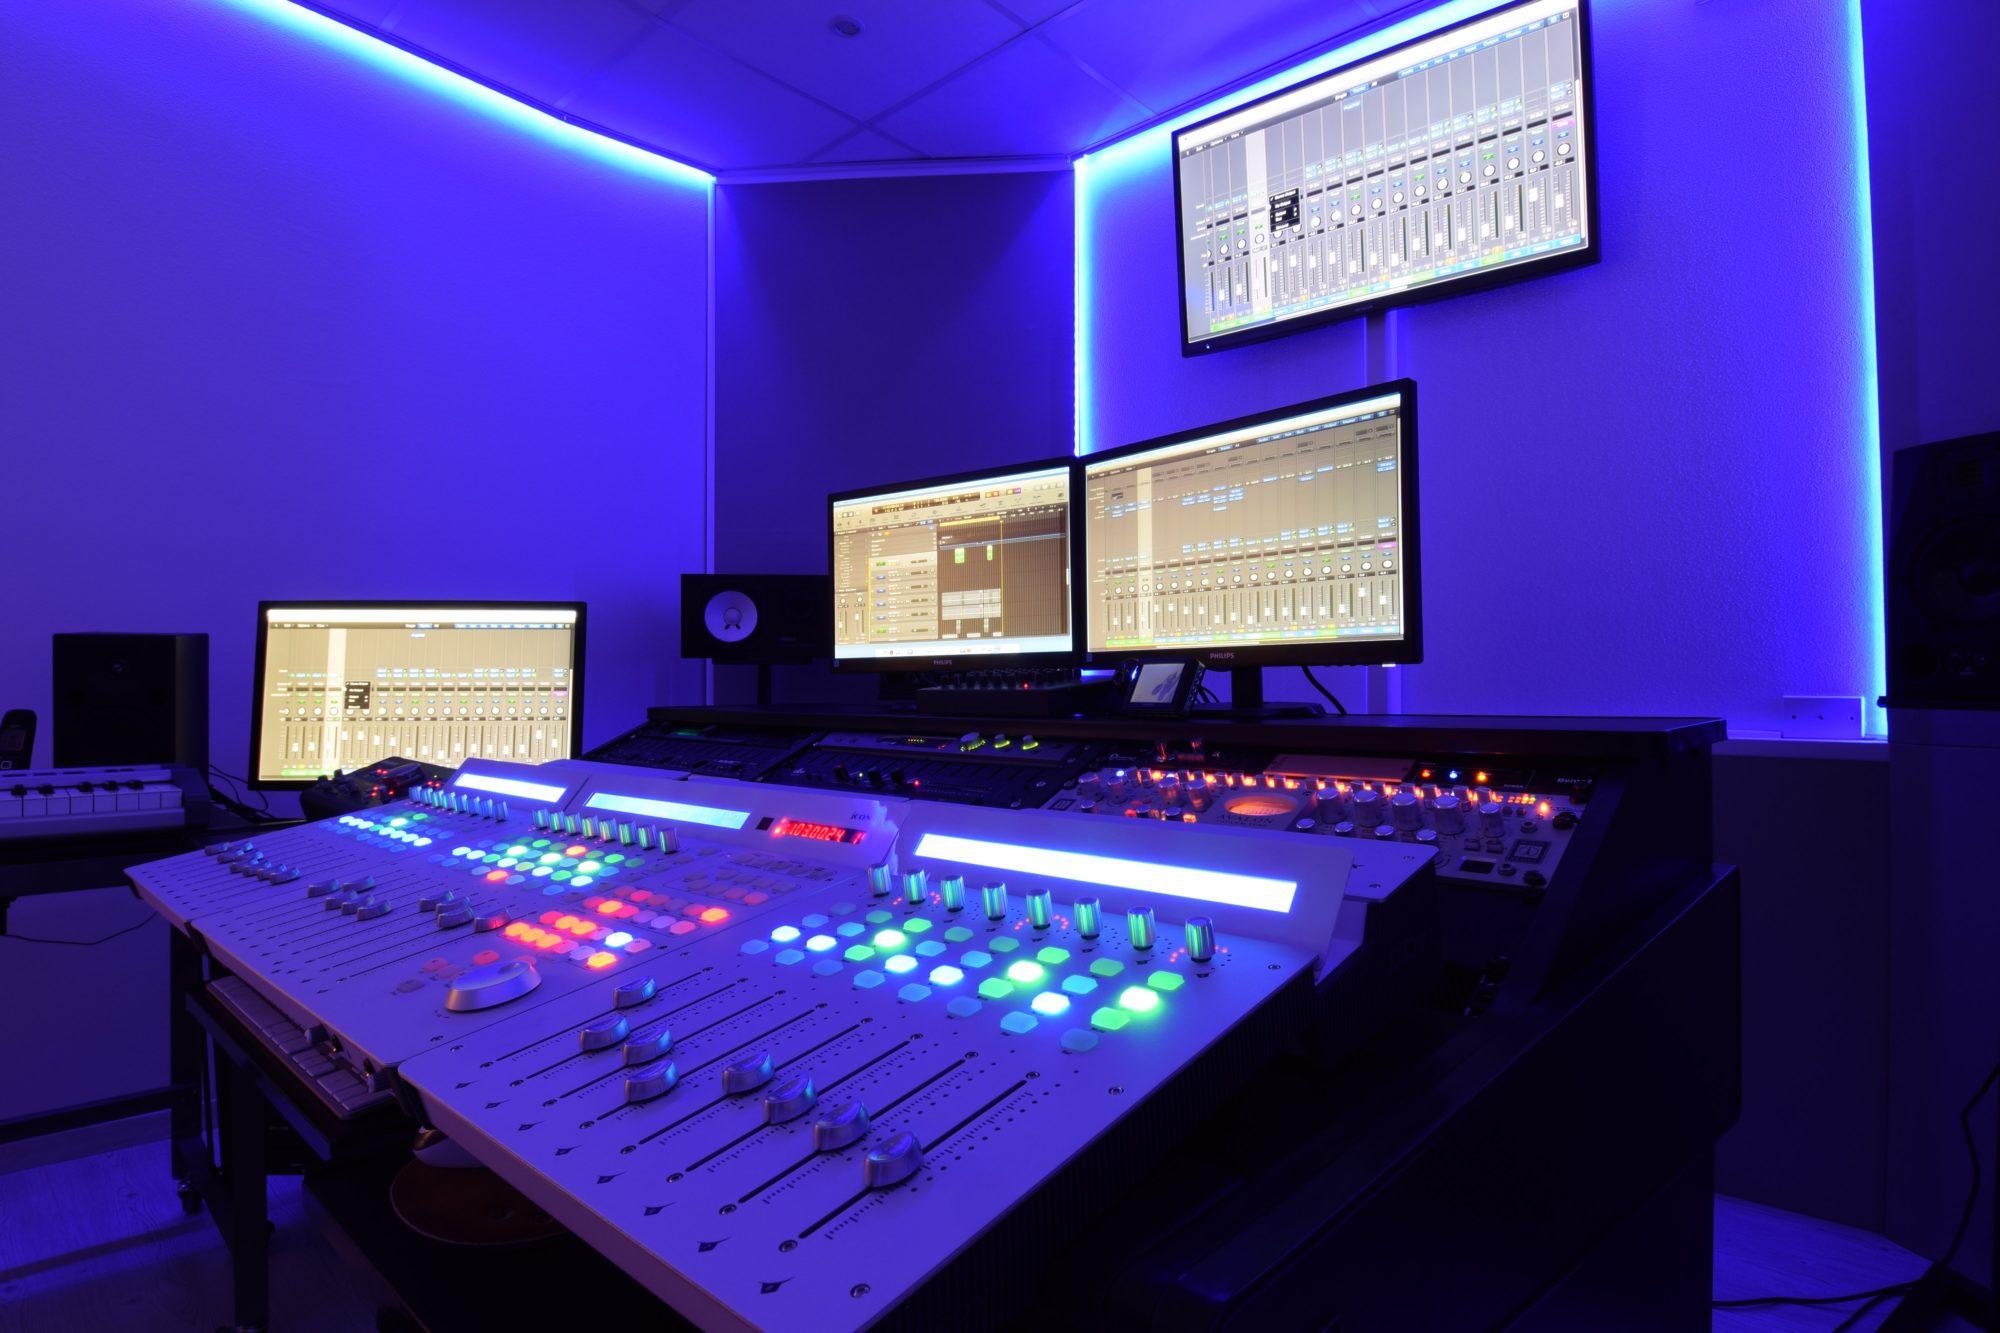 Studio di registrazione maxy sound studio di registrazione verona maxy sound studio di - Studio di registrazione casalingo ...